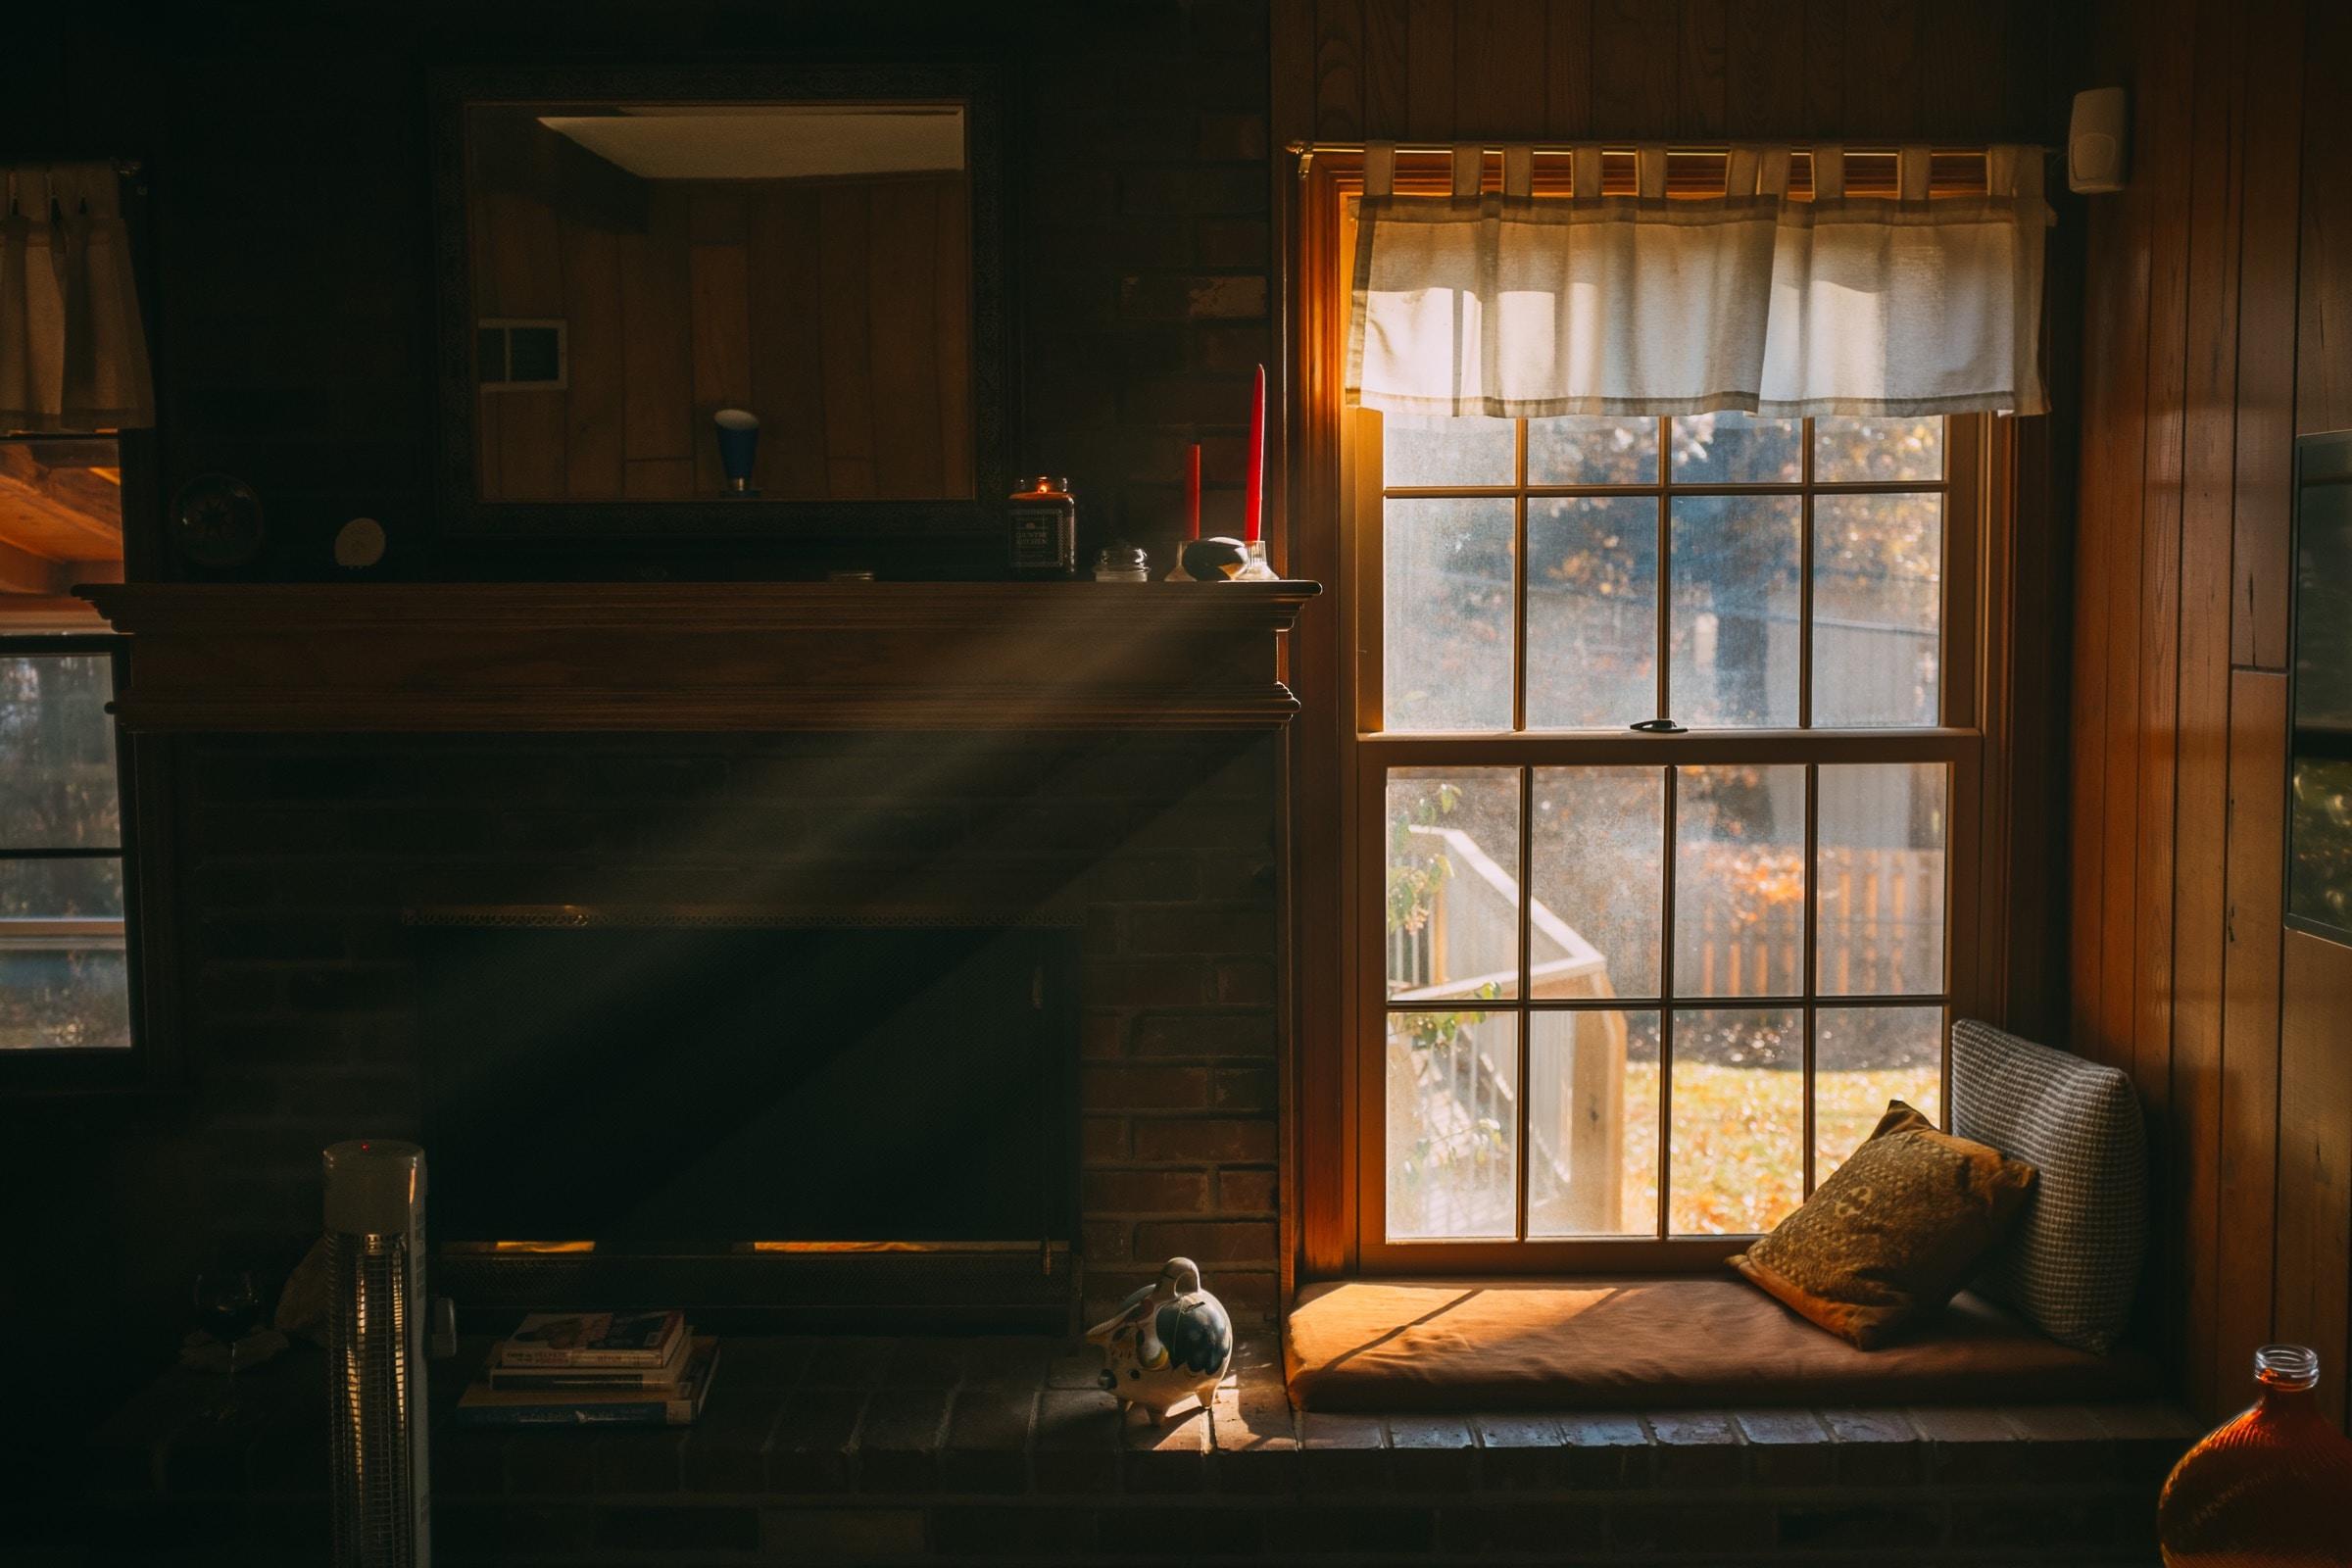 Sun coming through a window into a dark room.